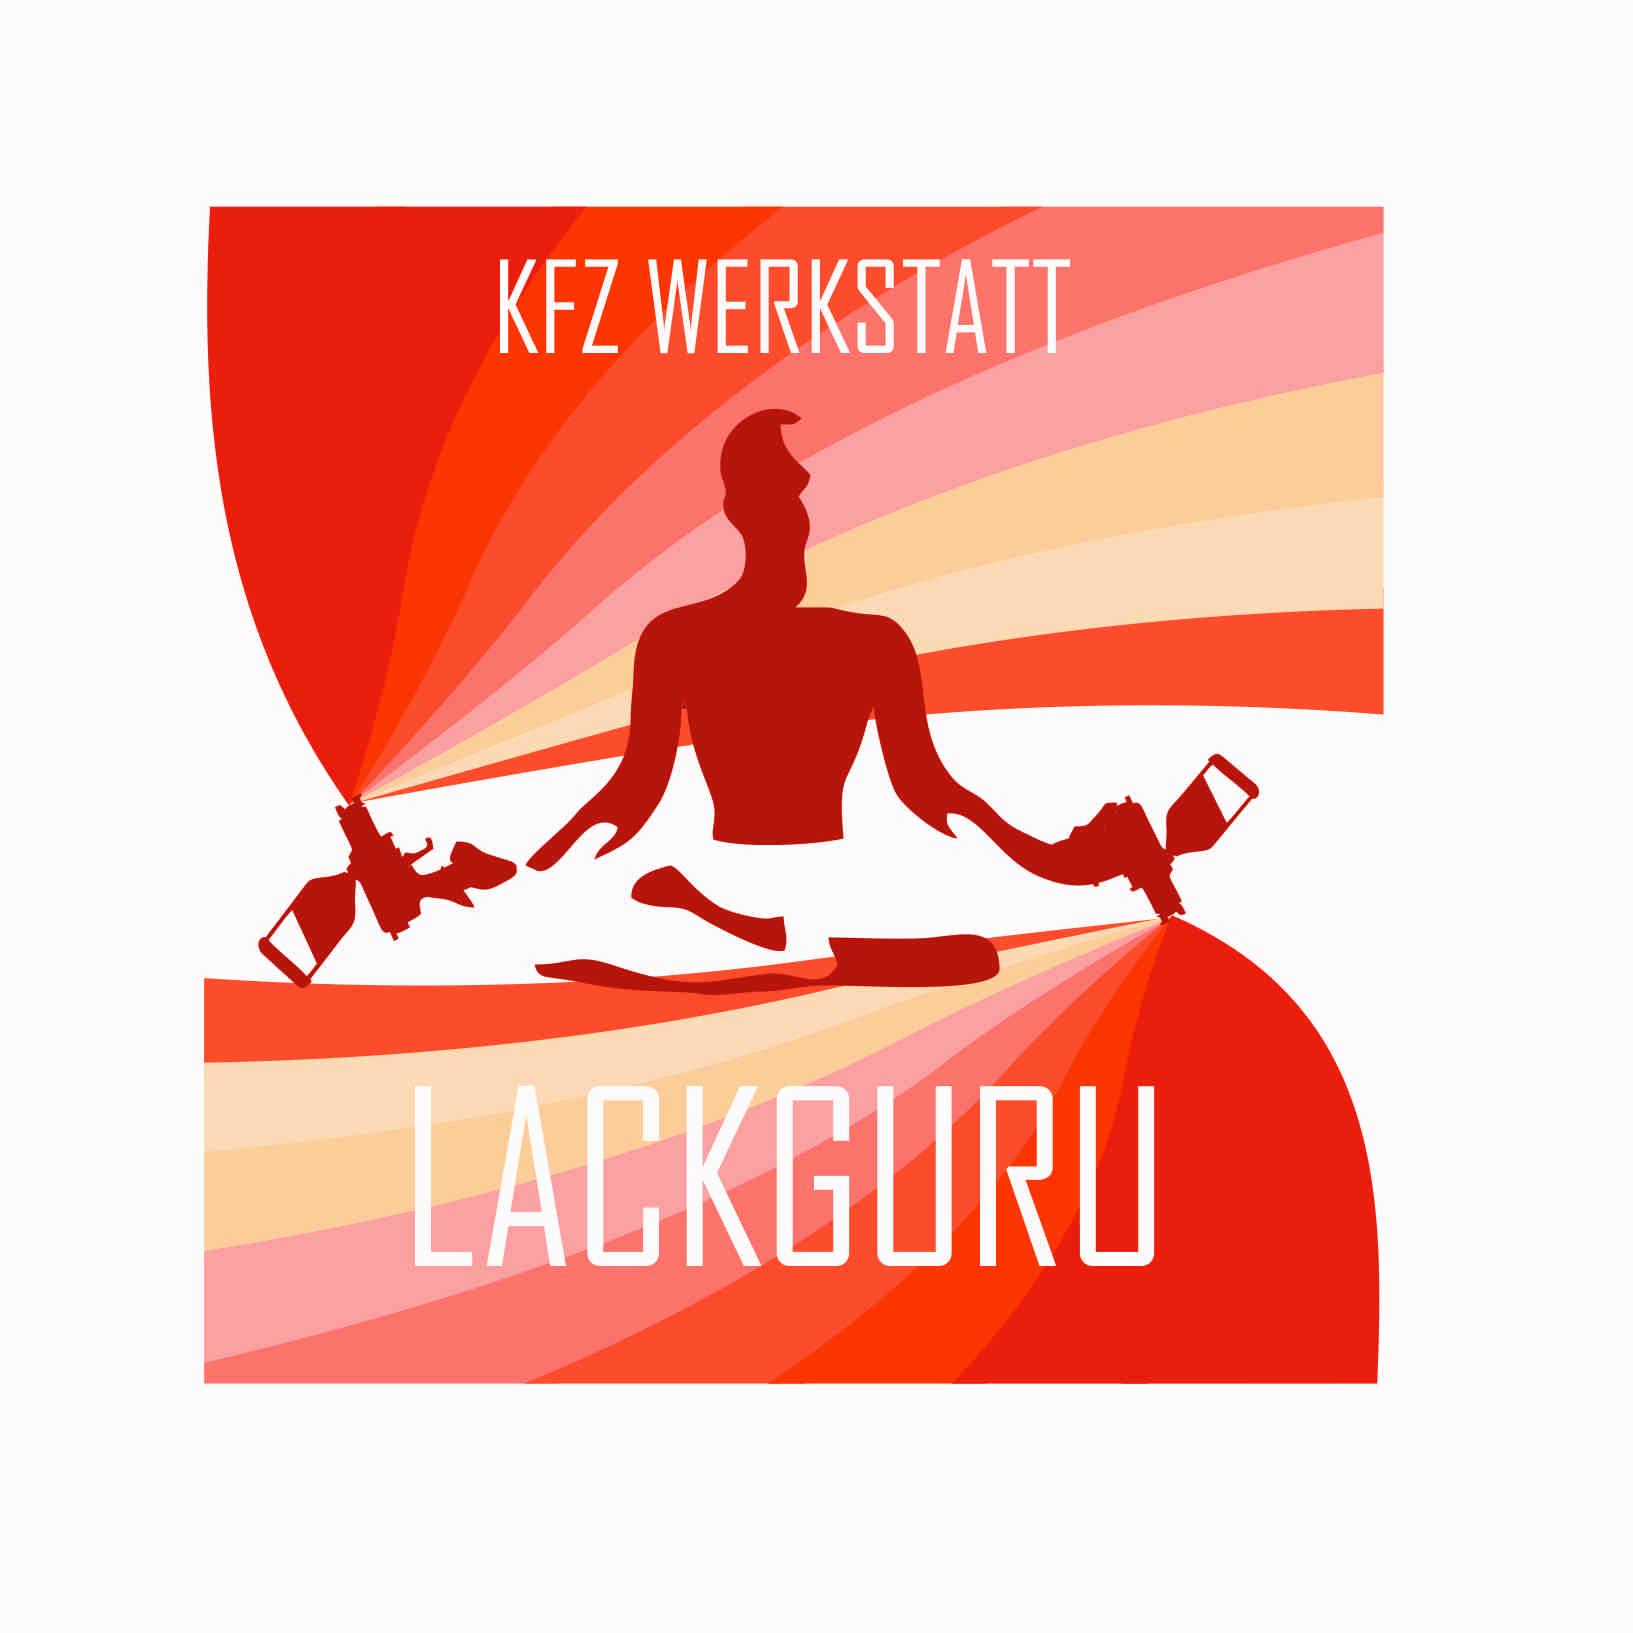 LackGuru UG (Haftungsbeschränkt) logo